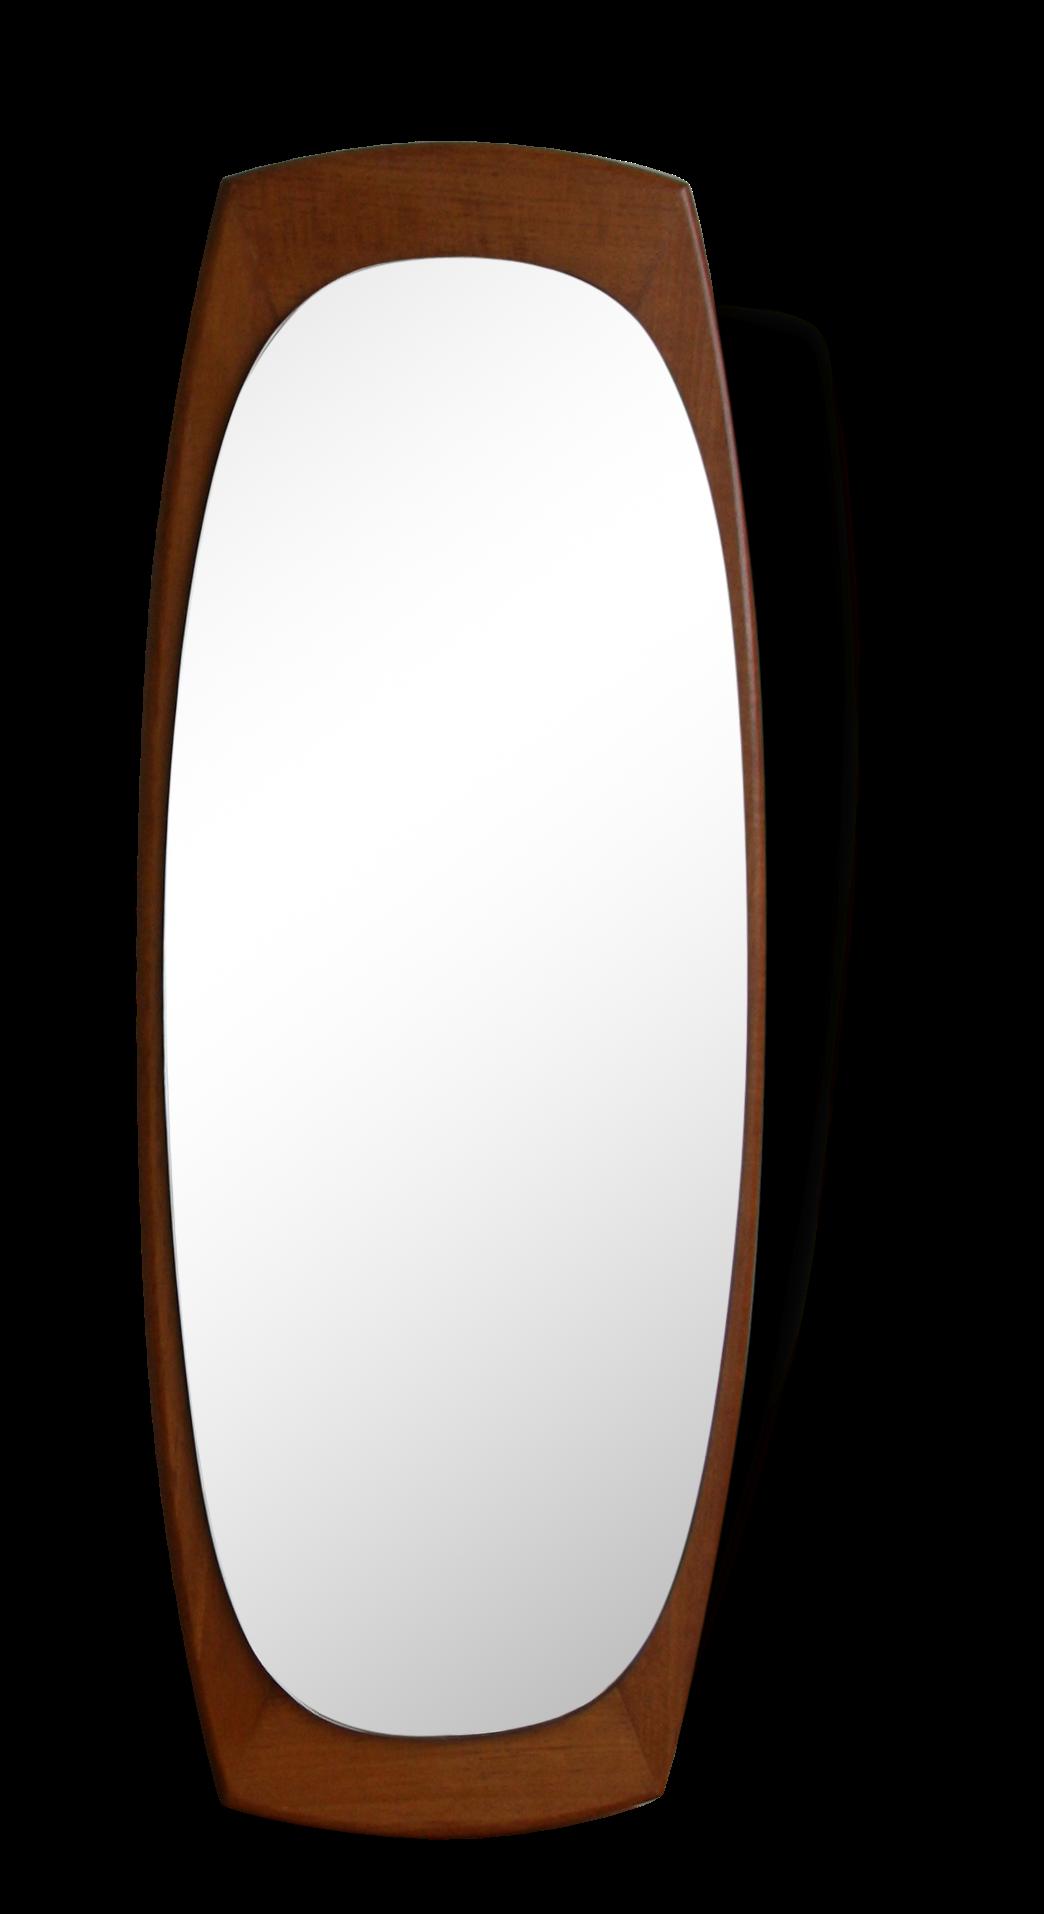 Grand miroir en teck des années 1960